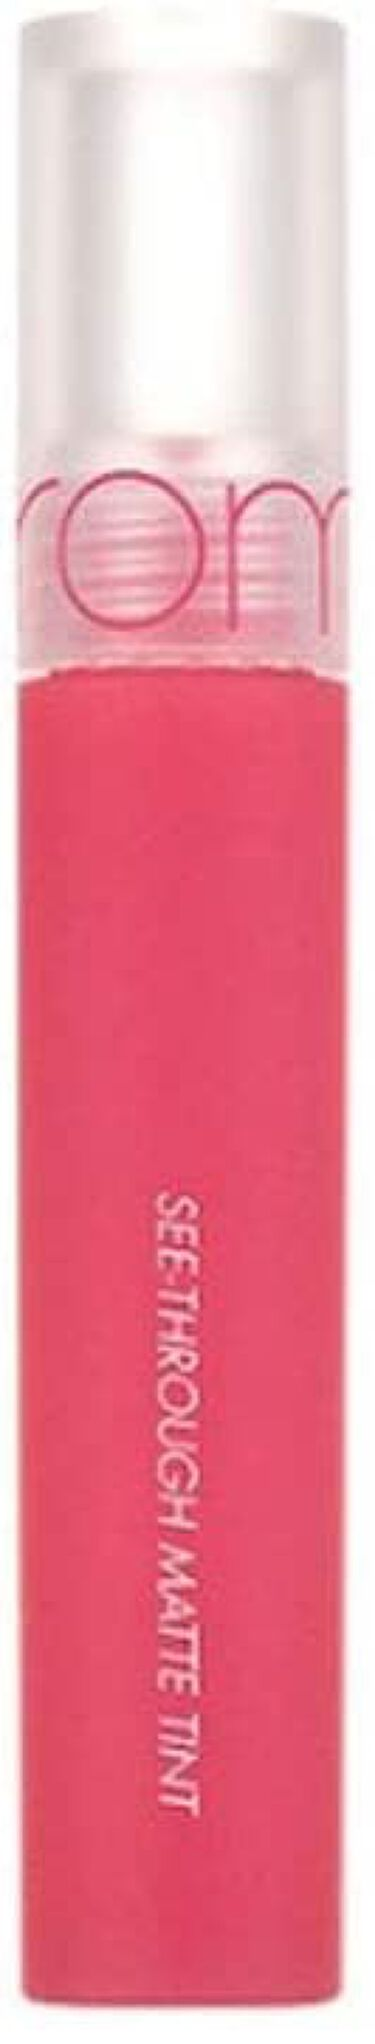 シースルーマットティント 1.PINK FOLD